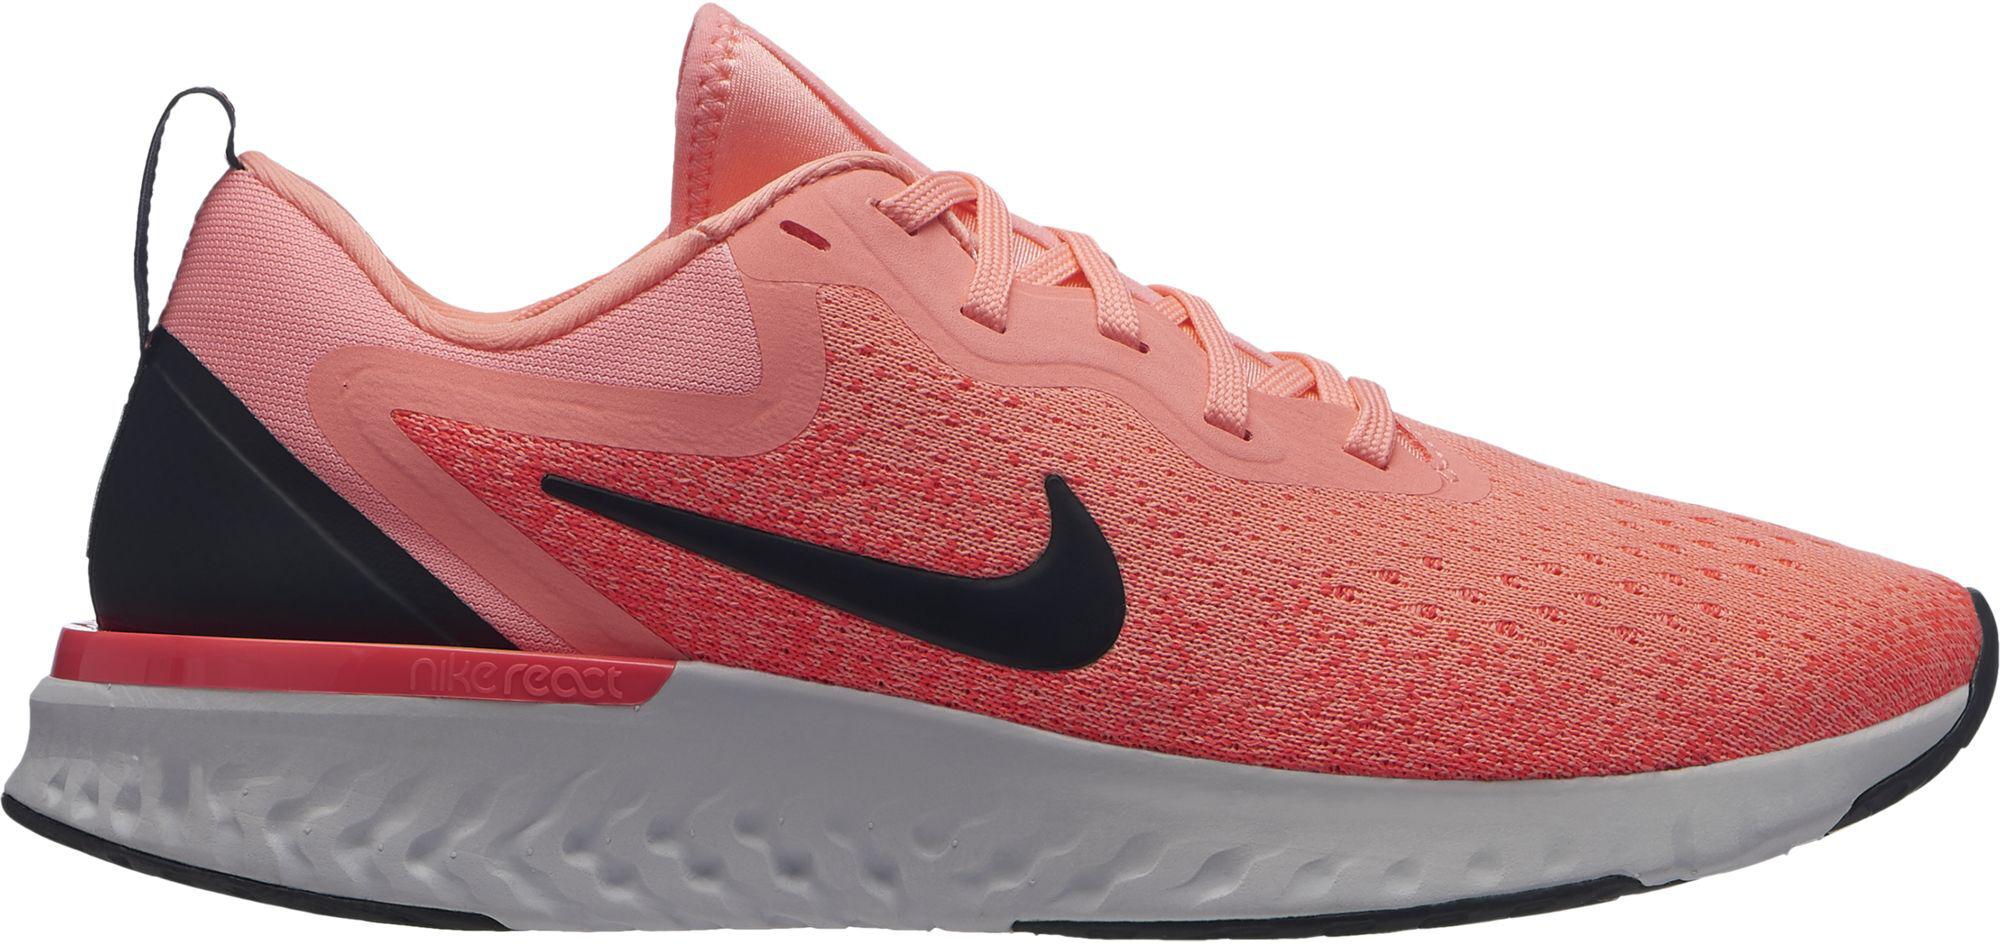 De Mujer Zapatillas Baratas Running Qafcs Nike Intersport